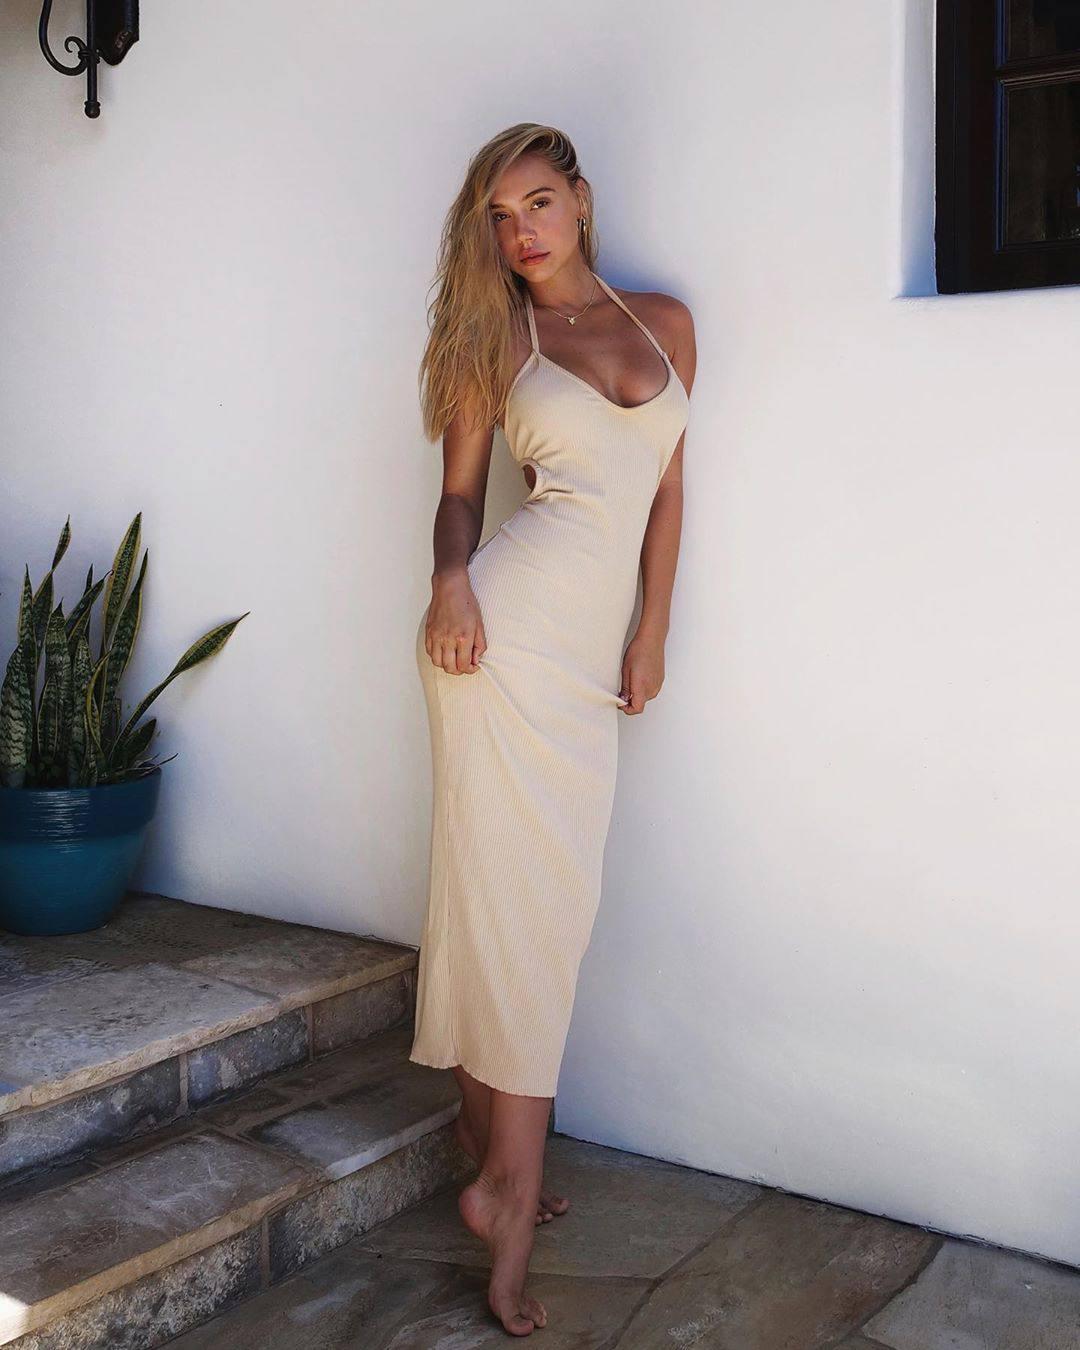 Alexis Ren Hot In Sexy Dress